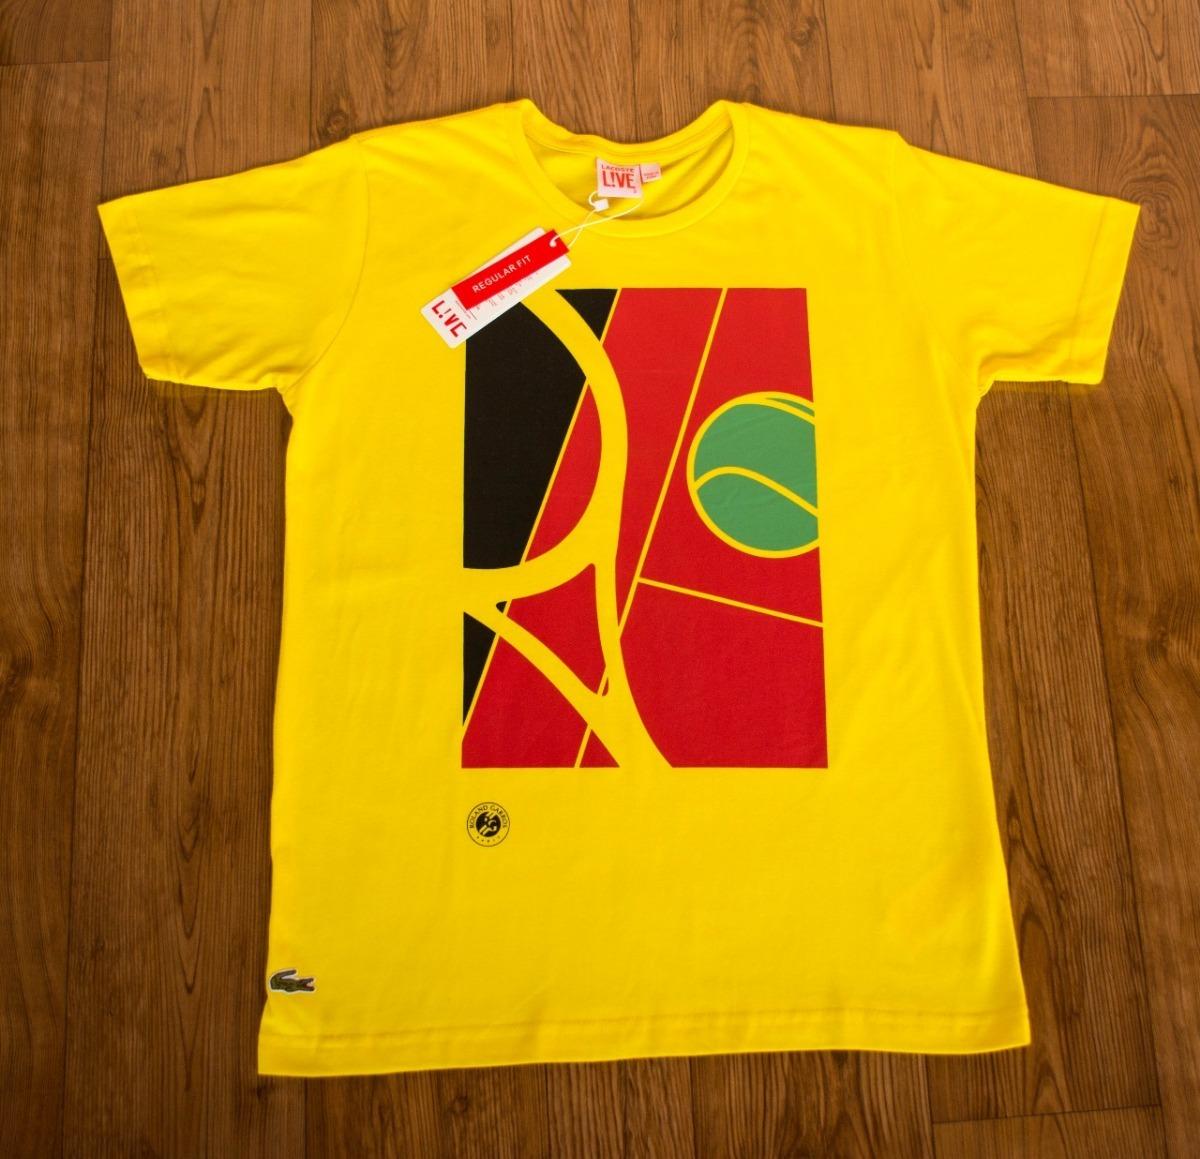 fcb878ae2697c Camisa Estampada Lacoste Live Peruanas Promoção Preço Atacd - R  38 ...